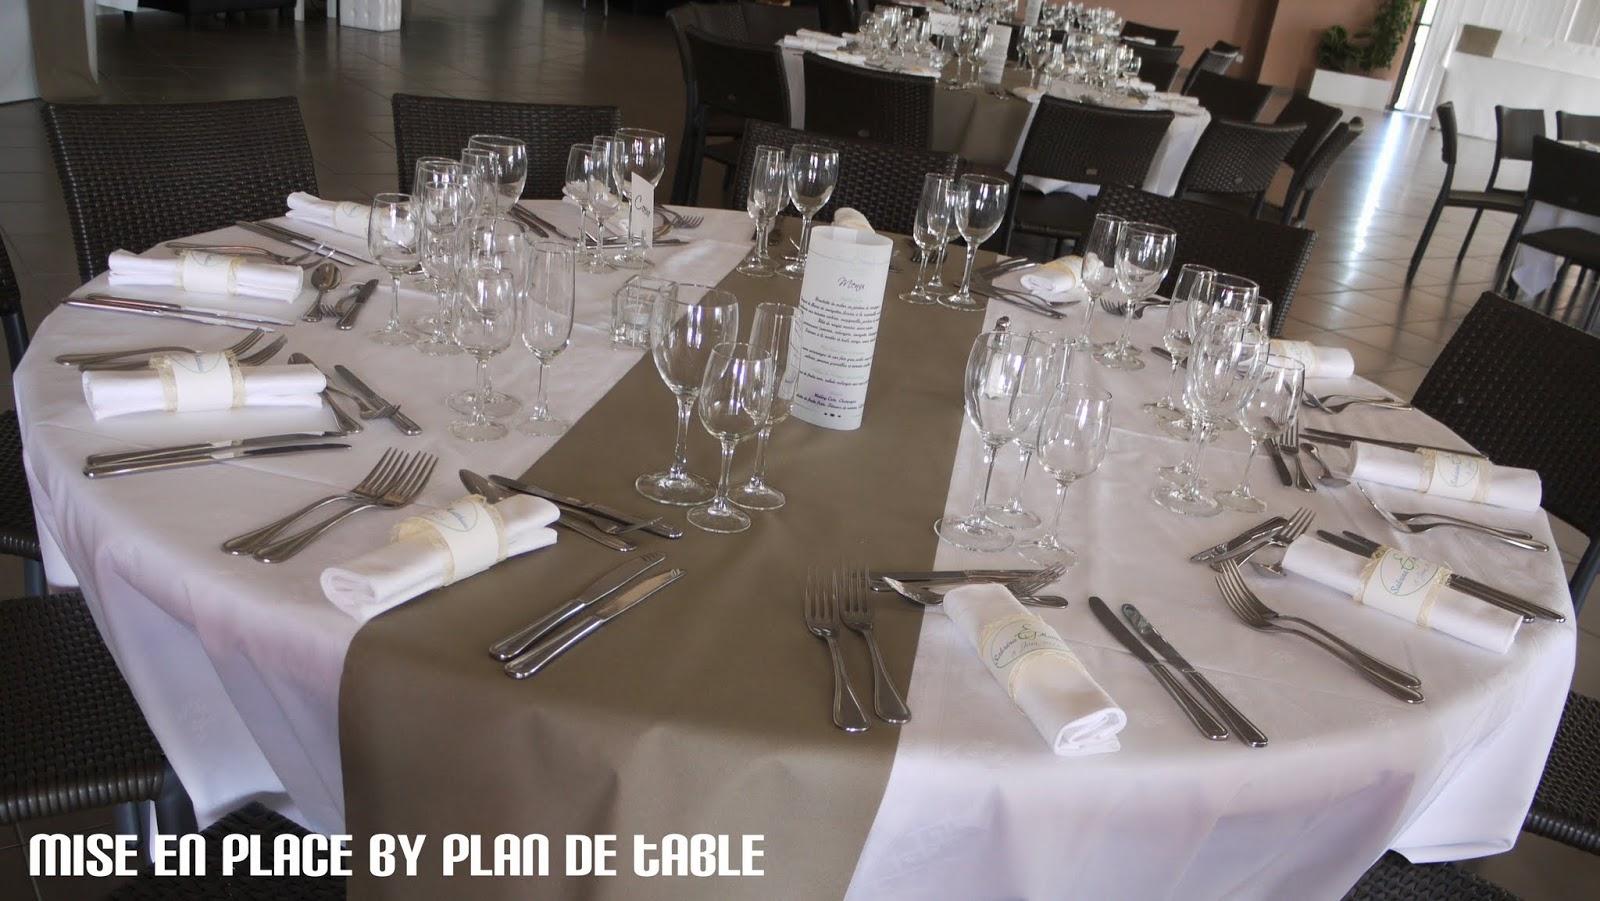 plan de table le blog mariage nature mise en place d 39 article de d coration by plan de table. Black Bedroom Furniture Sets. Home Design Ideas